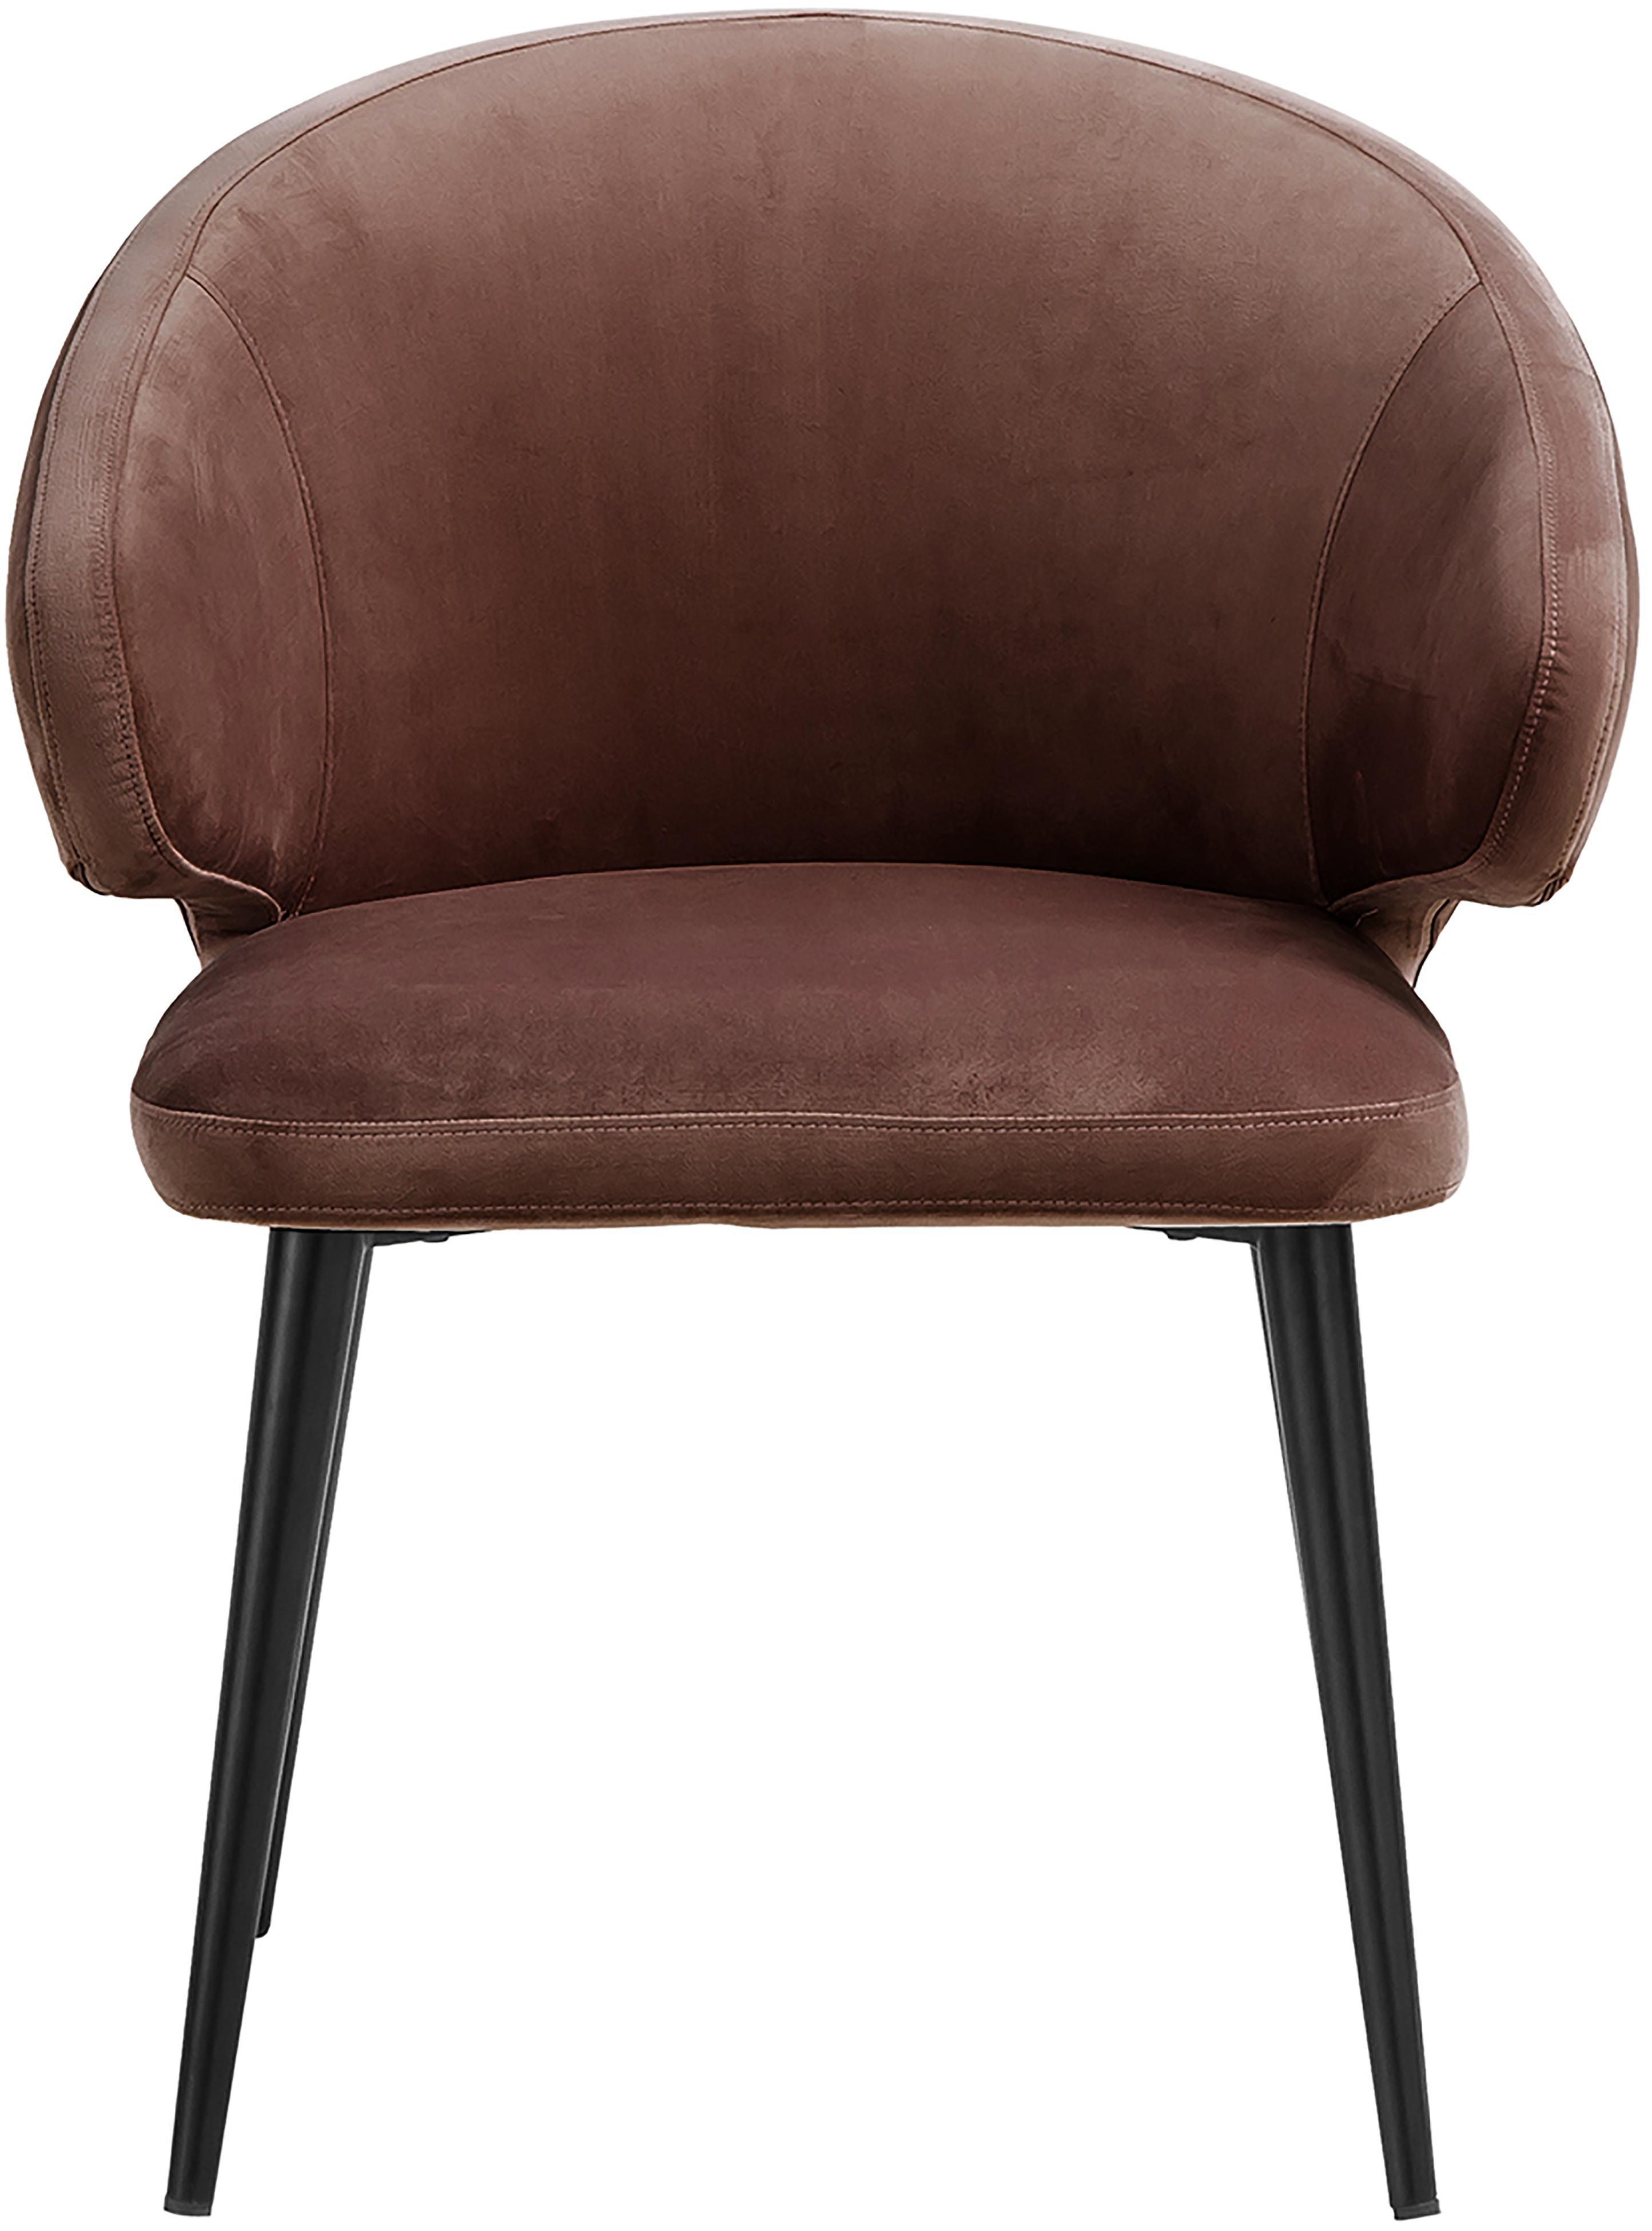 Samt-Armlehnstuhl Celia in modernem Design, Bezug: Samt (Polyester) 30.000 S, Beine: Metall, pulverbeschichtet, Braun, B 57 x T 62 cm